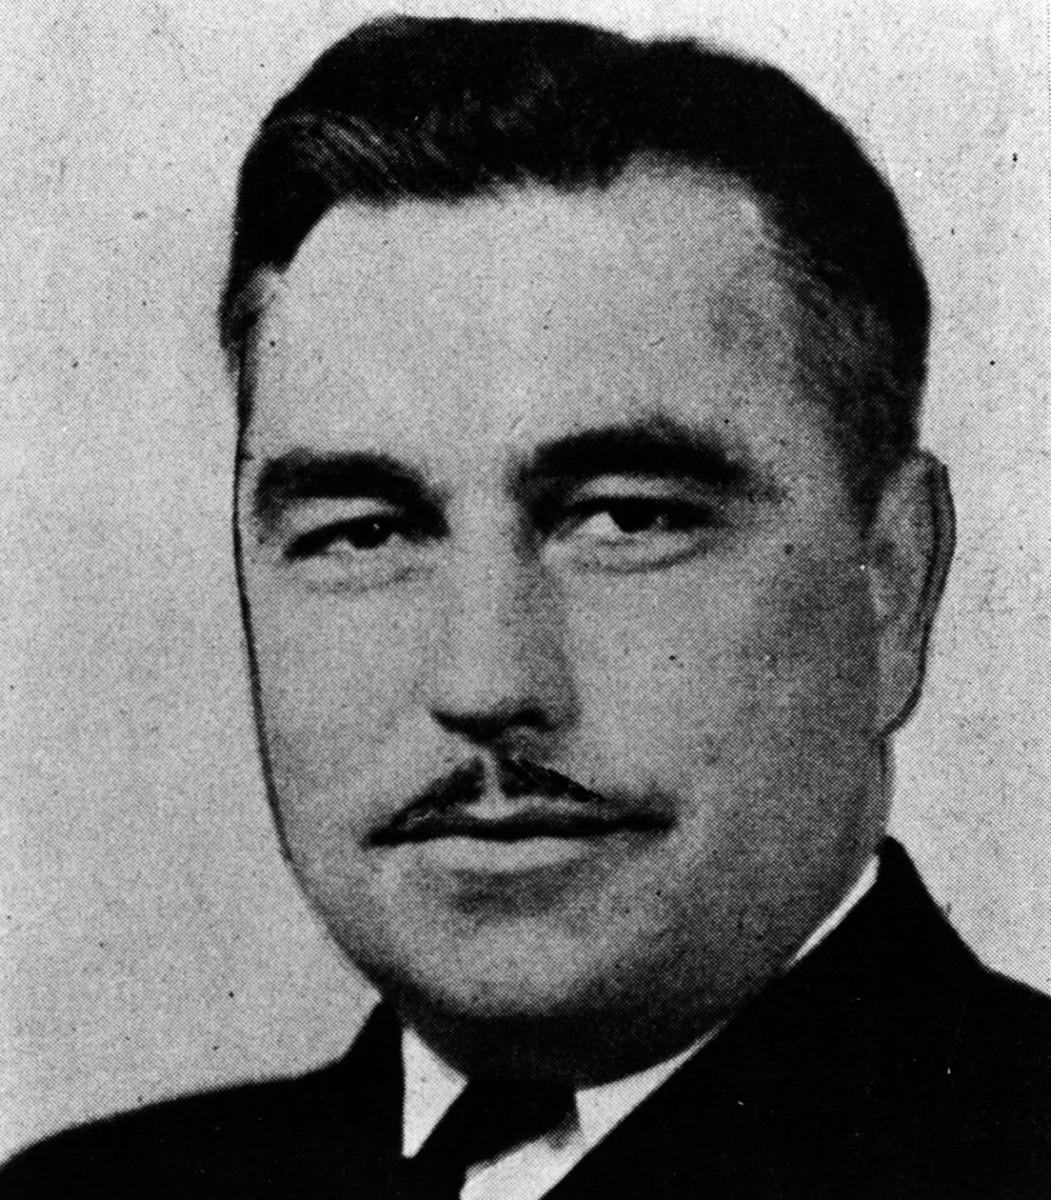 Commander Ernest Edwin Evans, USN